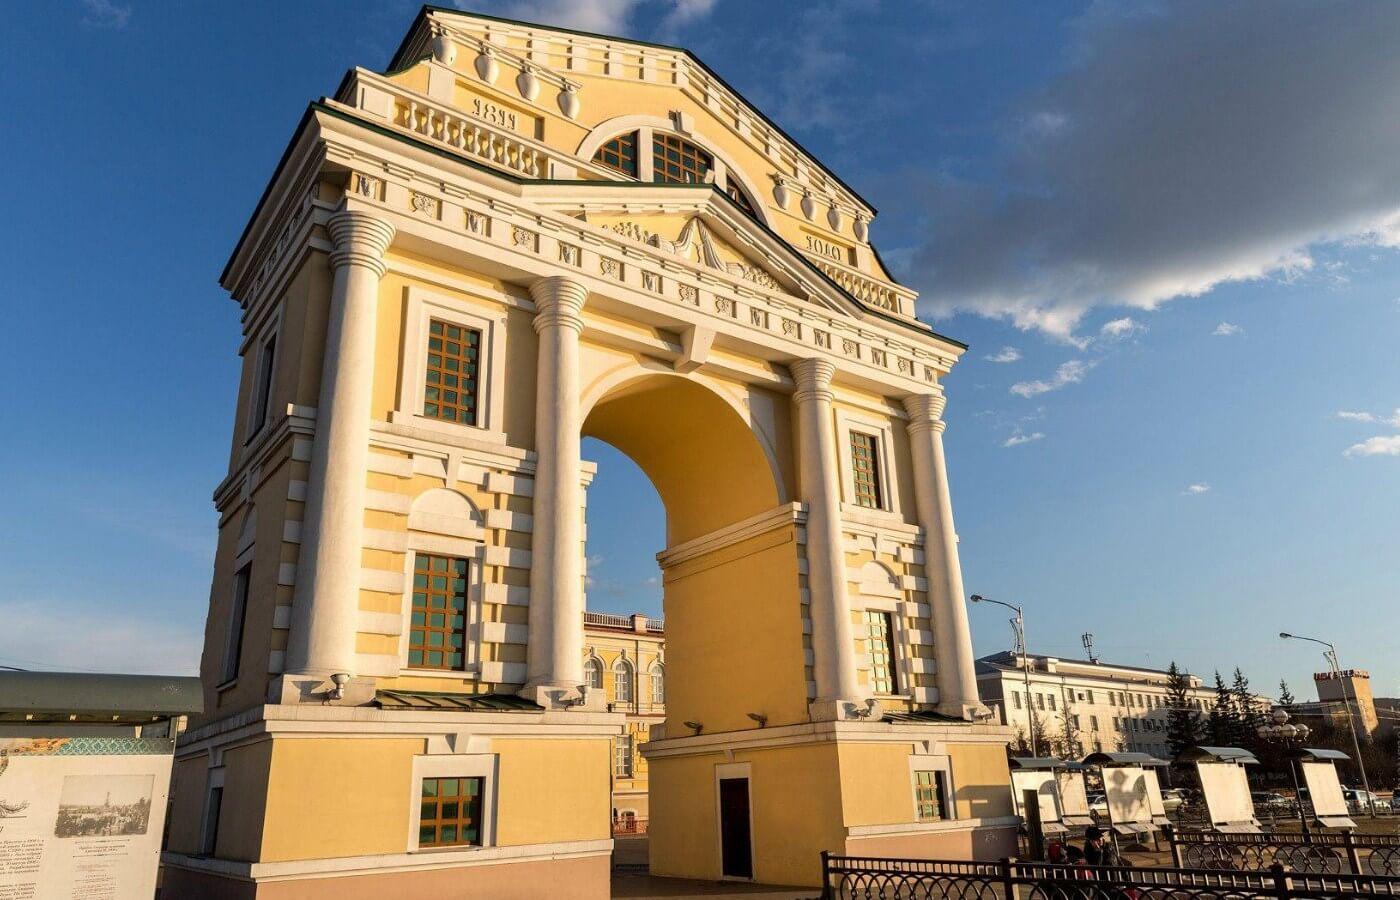 Обзорная экскурсия по Иркутску